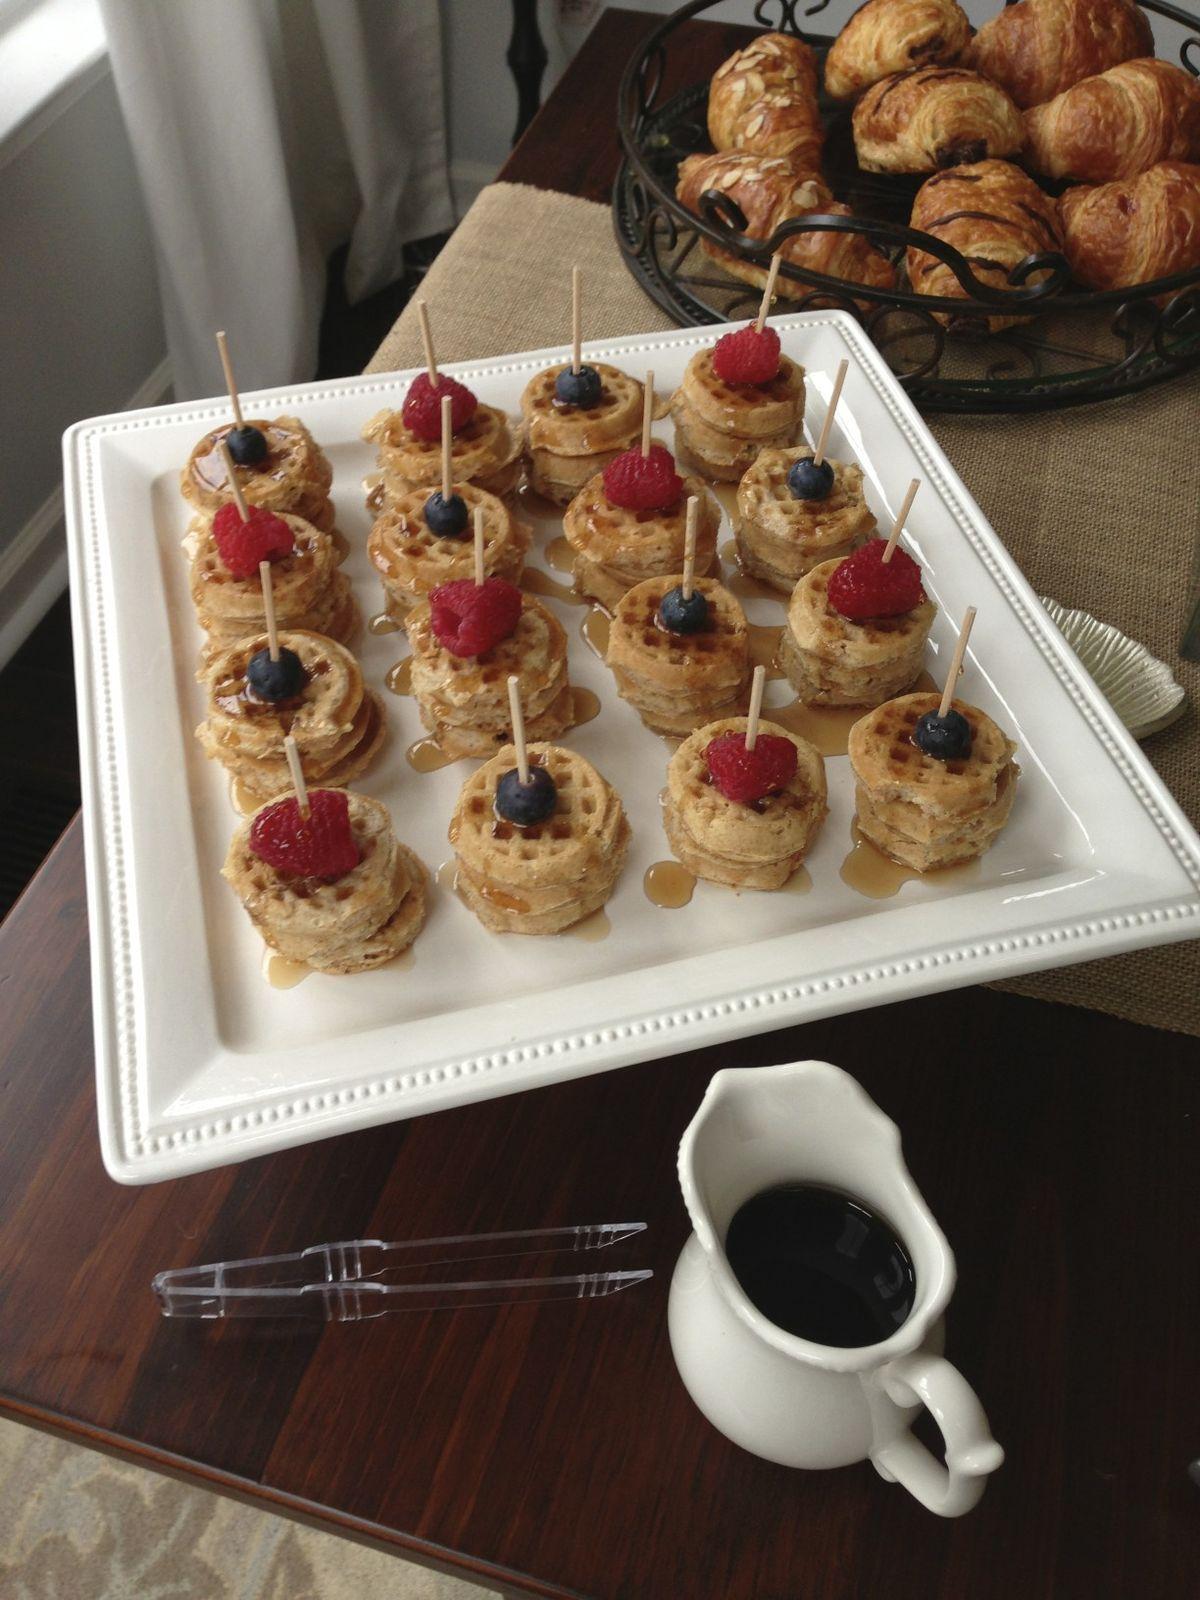 finger food ideas for bridal shower%0A dea   c eccd  d c ba  d  b     f jpg              pixels